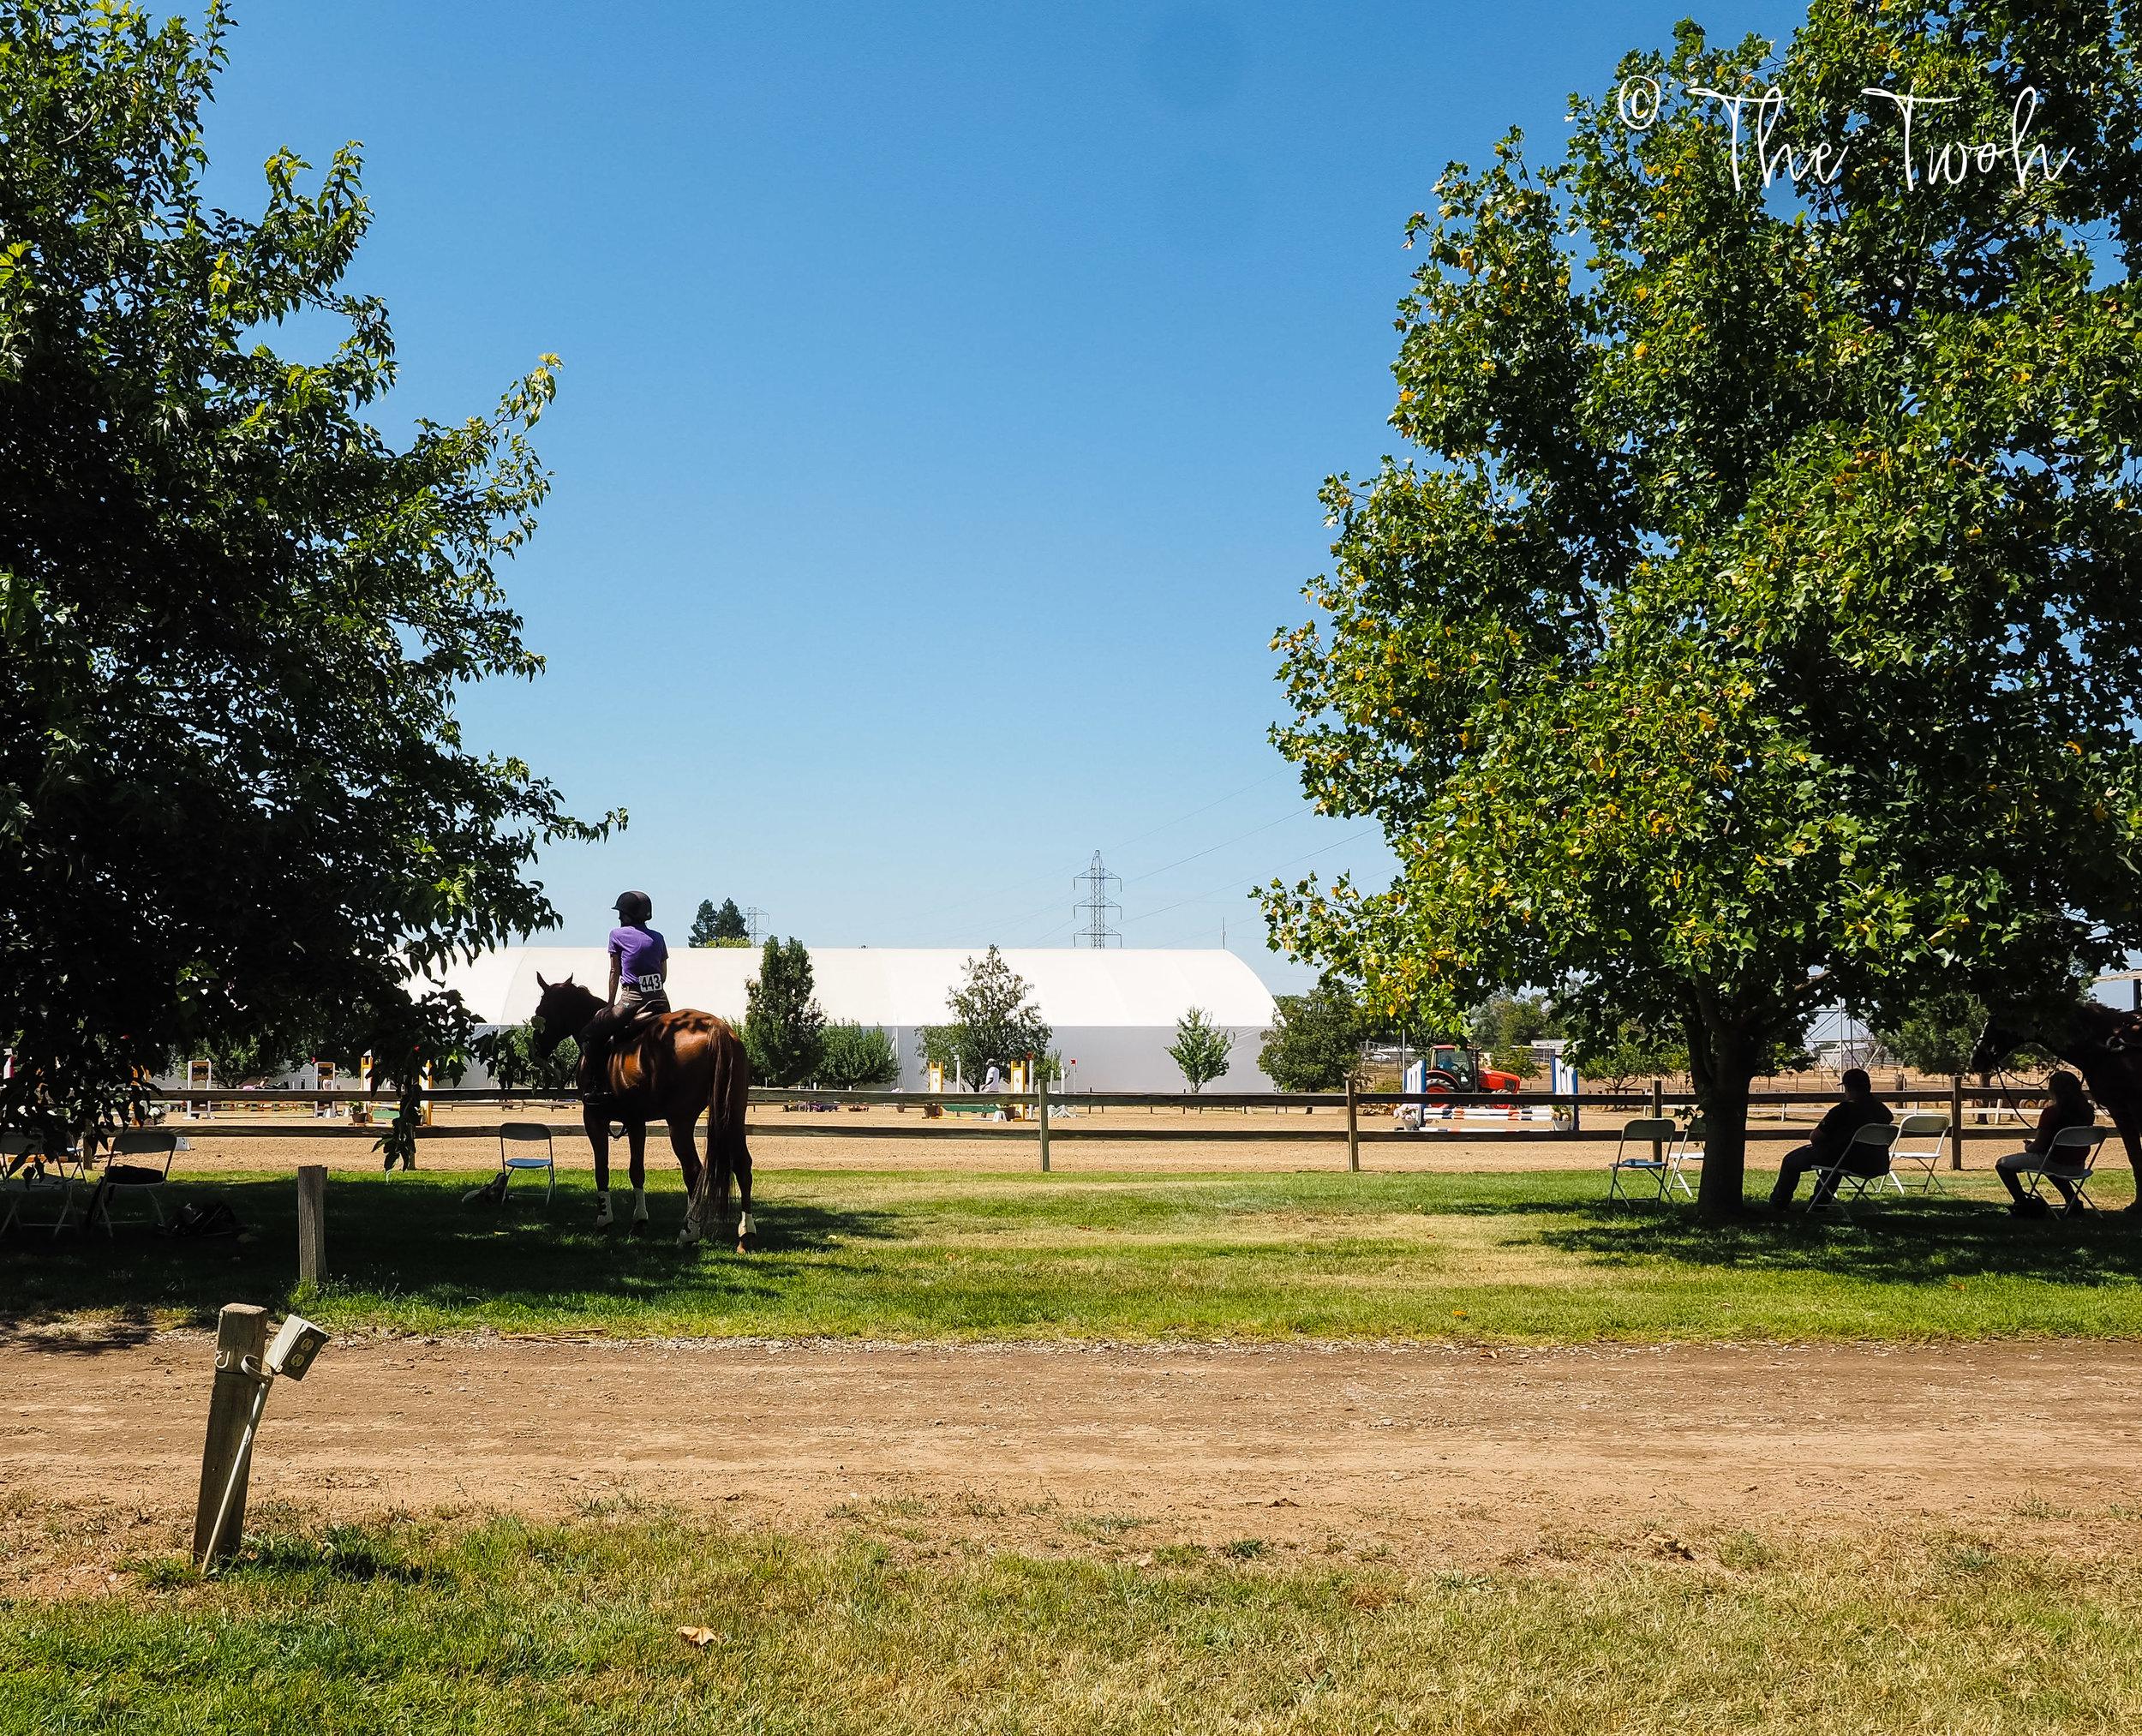 horse-show-weekend.jpg